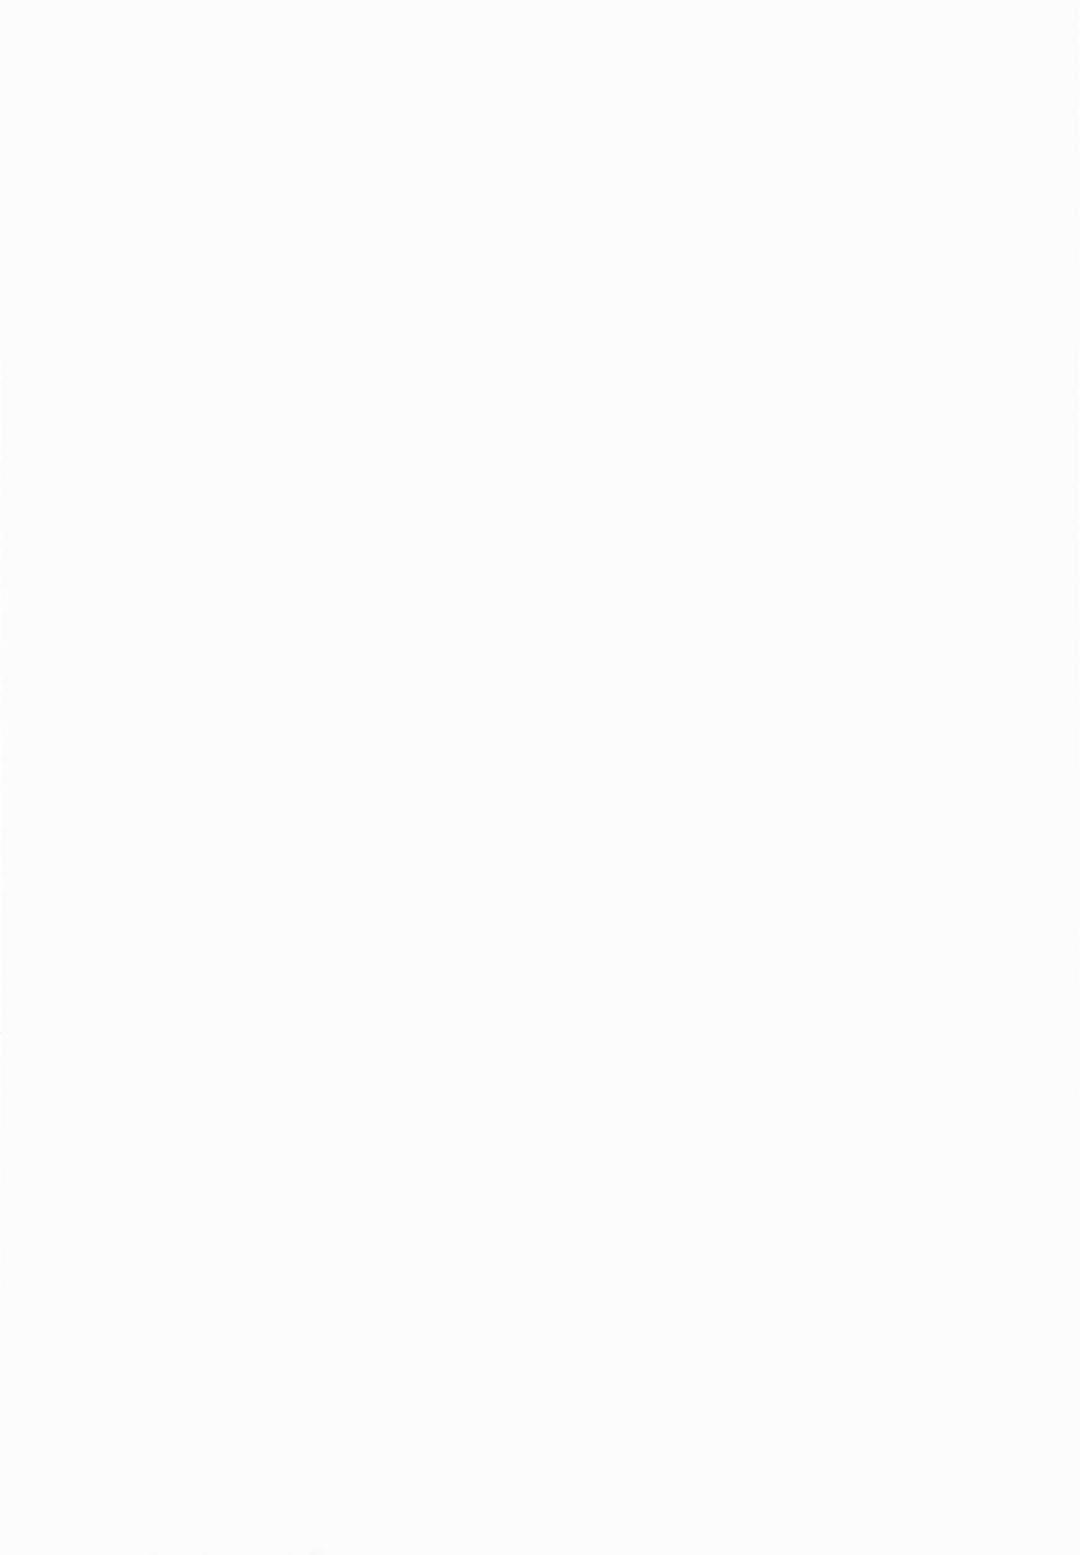 【六畳間の侵略者!?エロ漫画】キリハと孝太郎はゲームをすることになりキリハは勝ったら孝太郎にキスをすると宣言しキスをすると止まらなくなってしまいイチャラブセックス【大見武士】